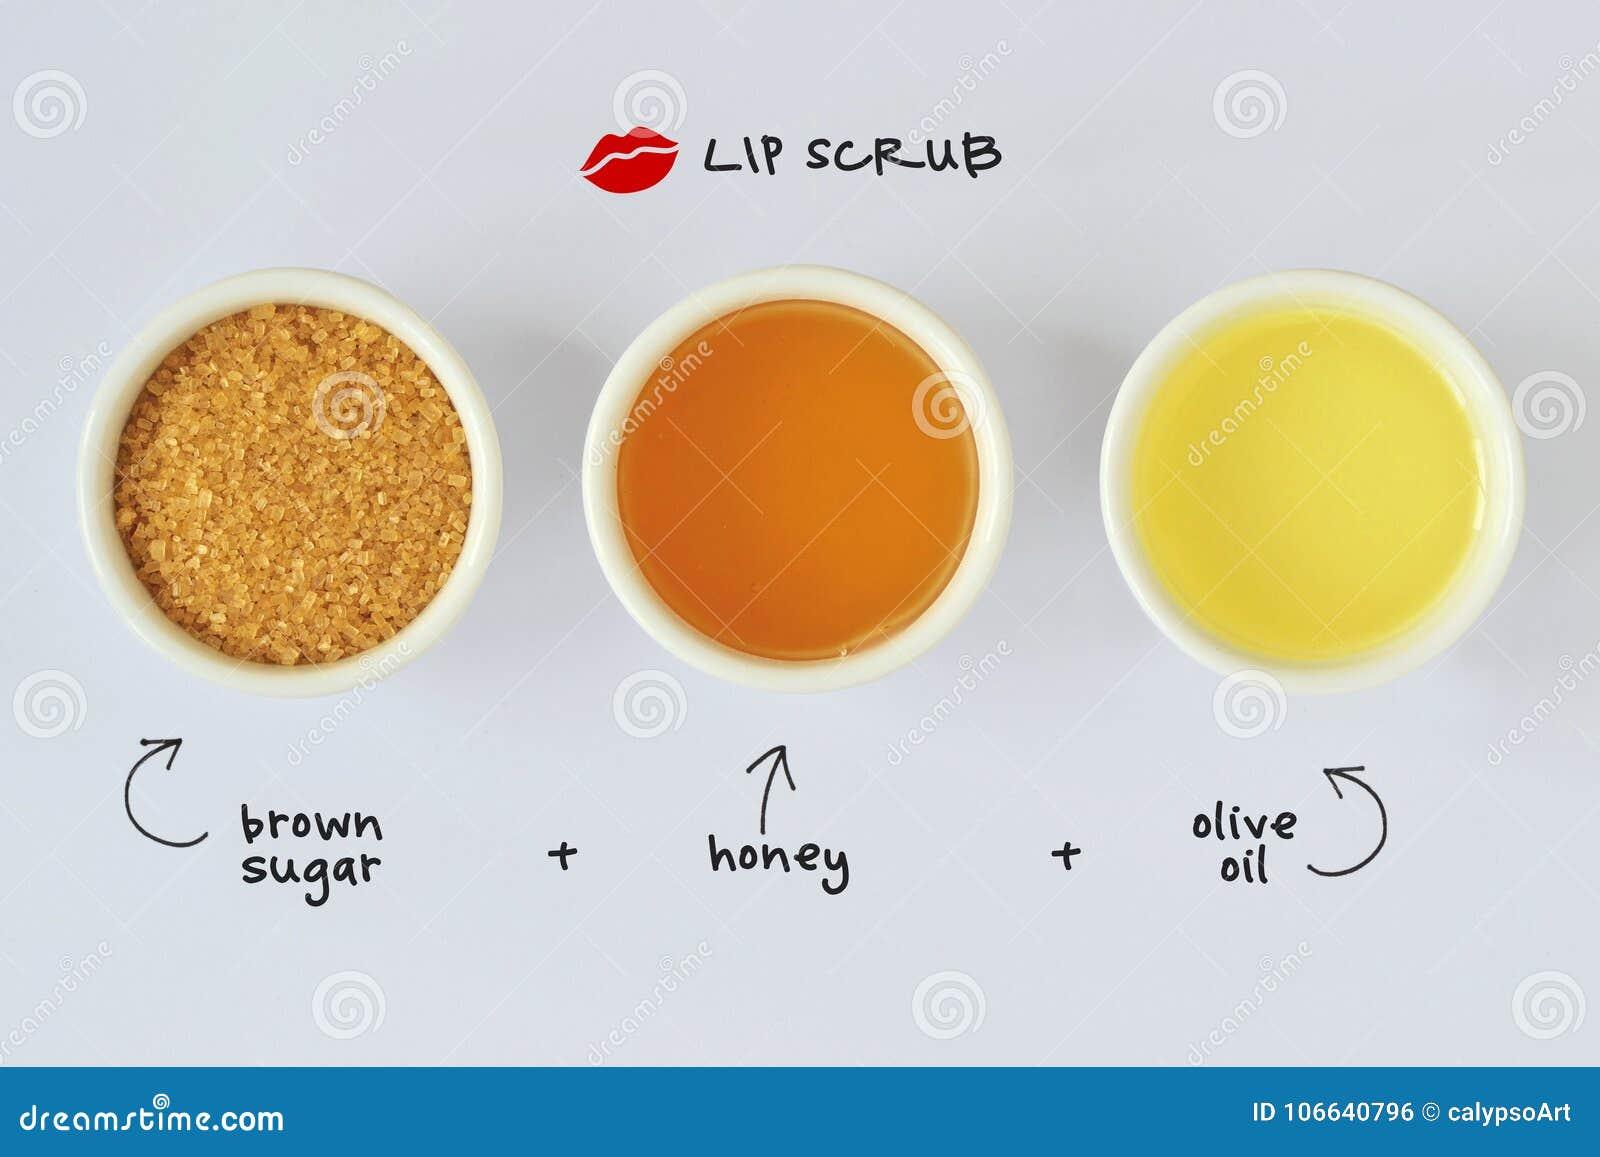 Selbst gemachte Lippe scheuern sich gemacht aus braunem Zucker, Honig und Olivenöl heraus